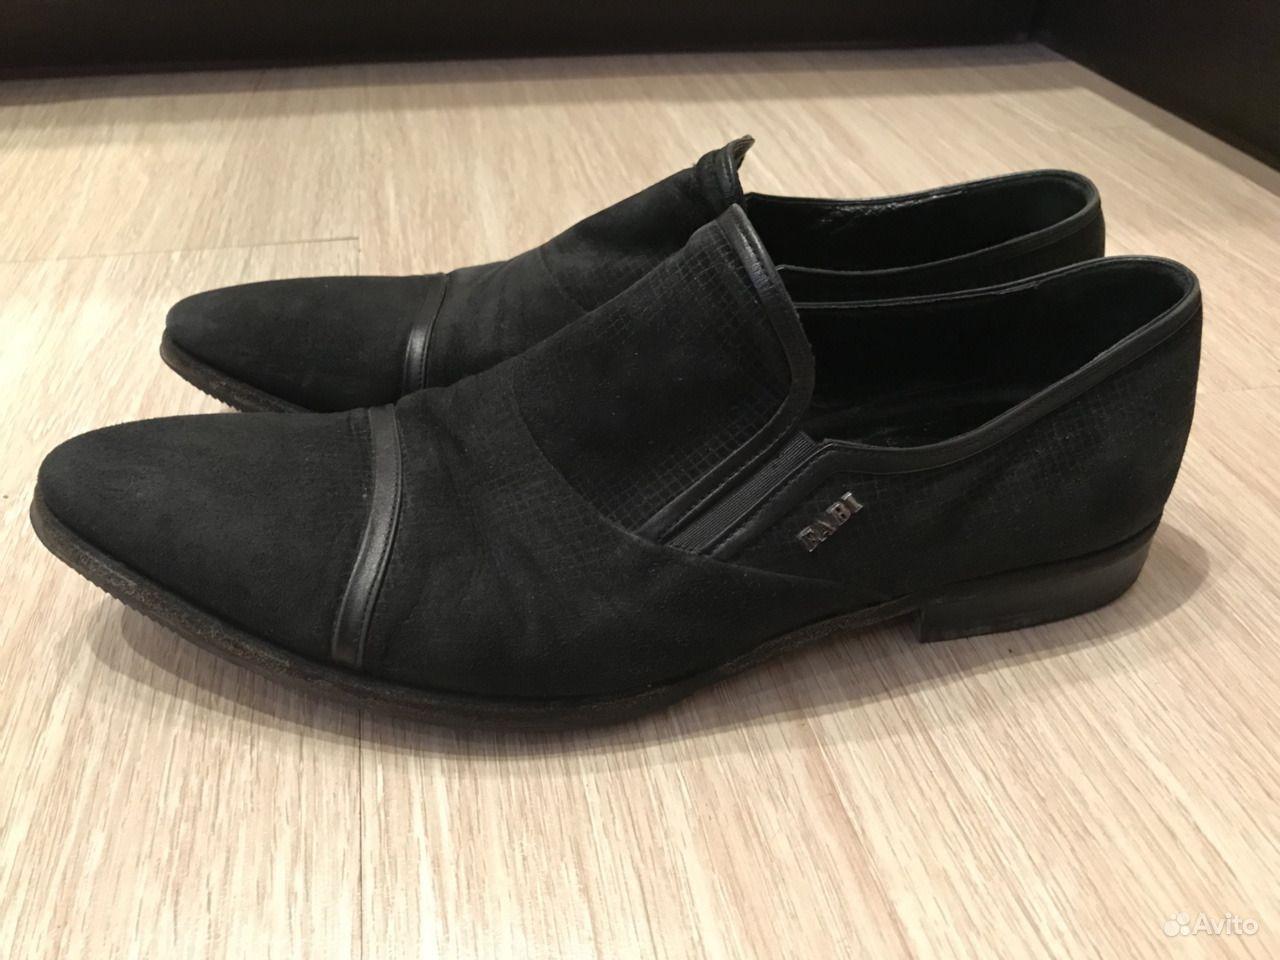 6b170a55c Мужские туфли Fabi | Festima.Ru - Мониторинг объявлений